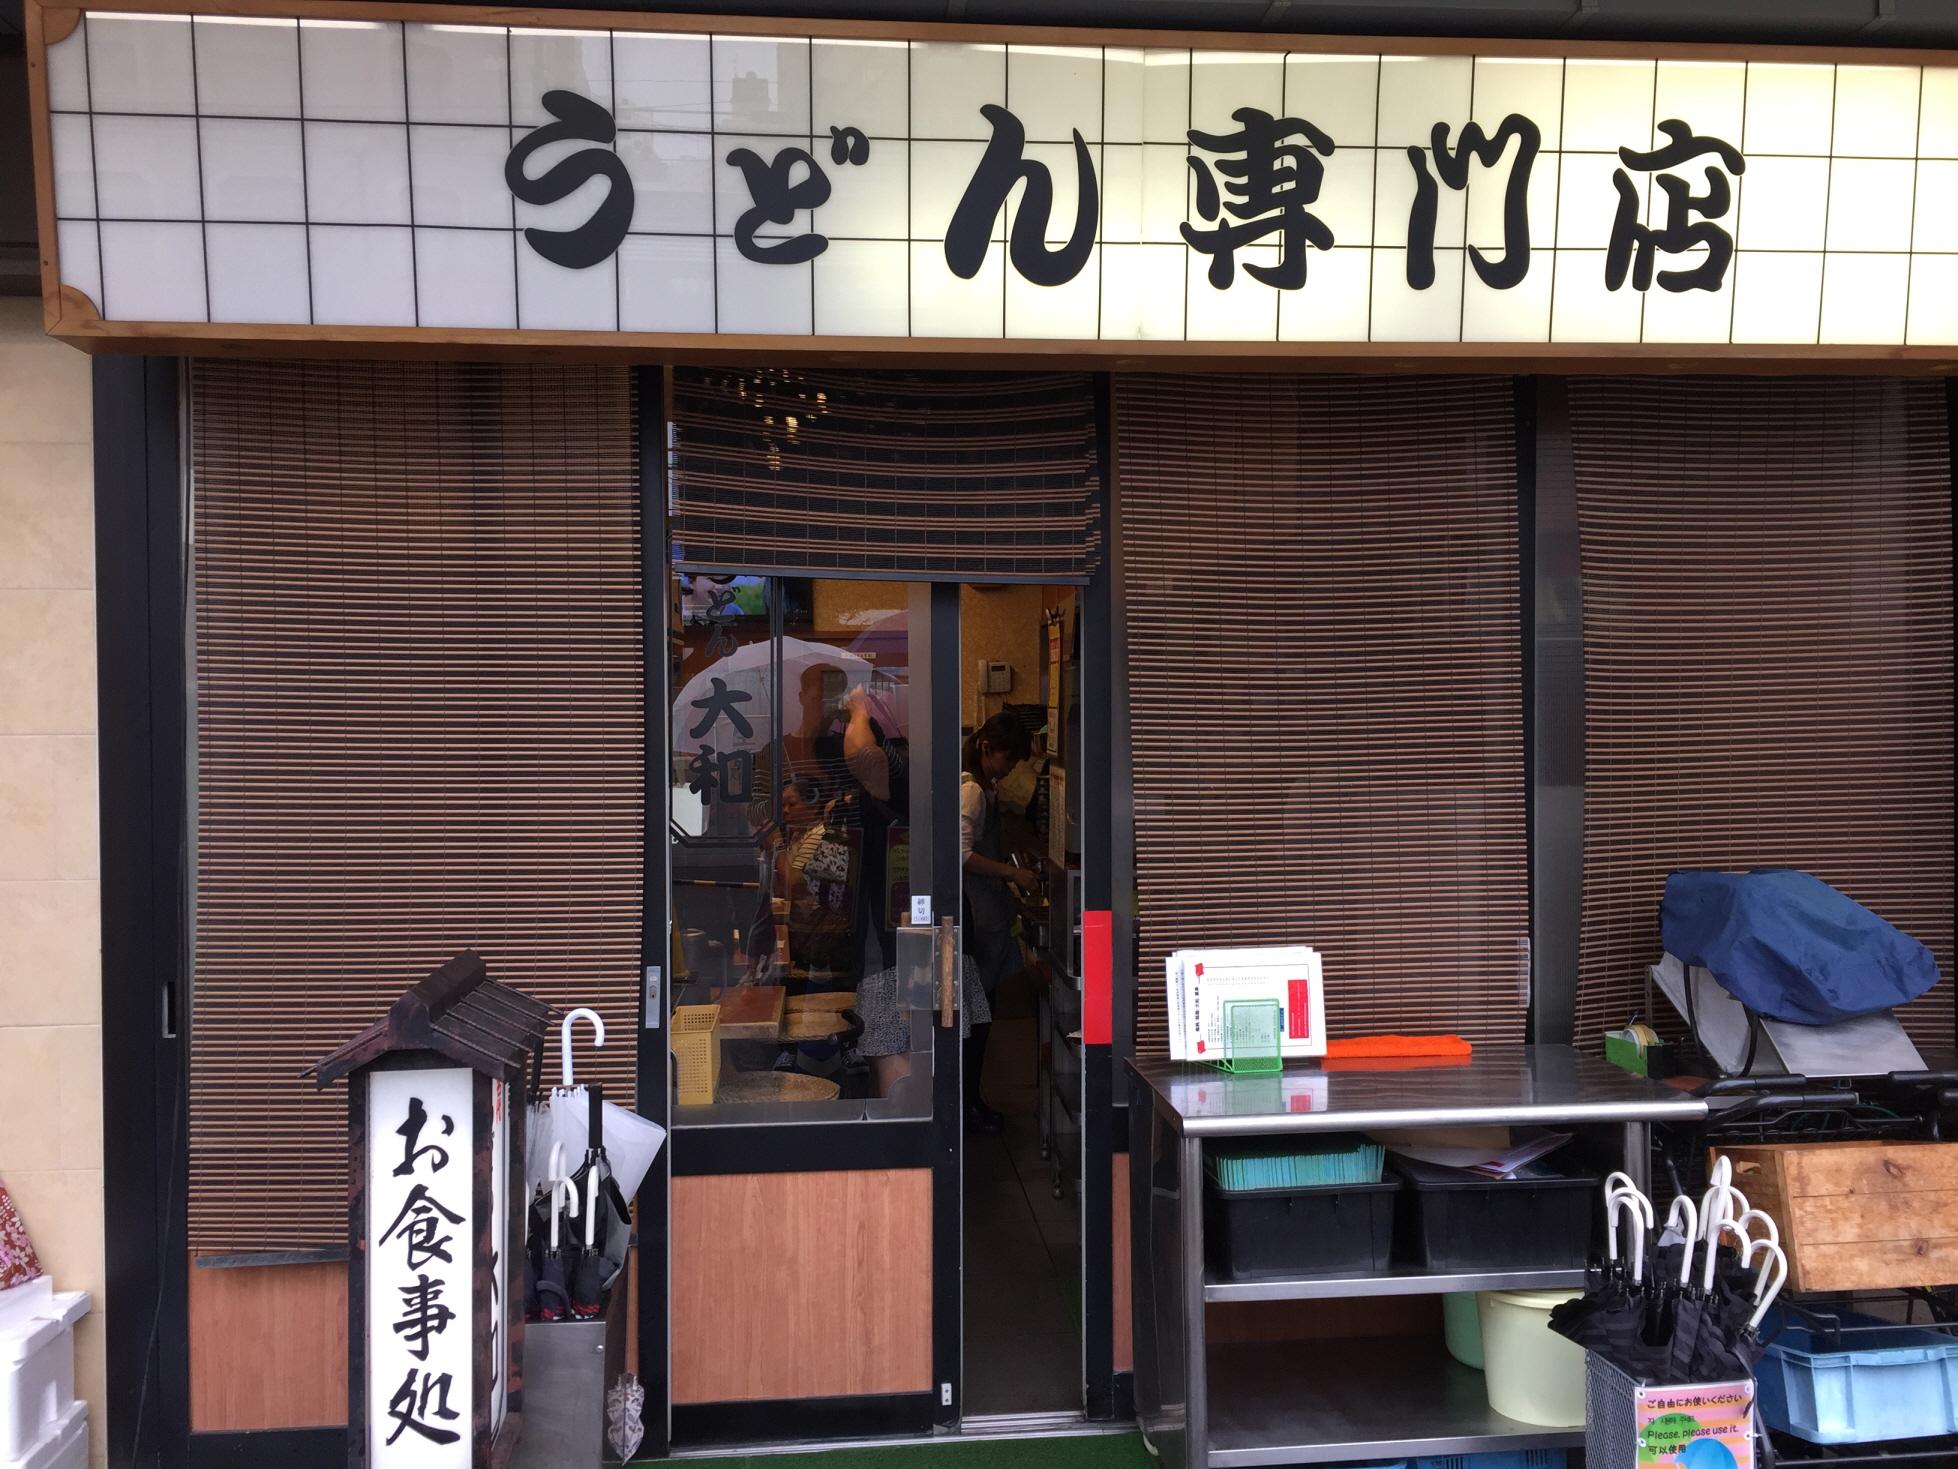 [오사카먹방] 지금은 폐업한(;;) 야마토 카레우동